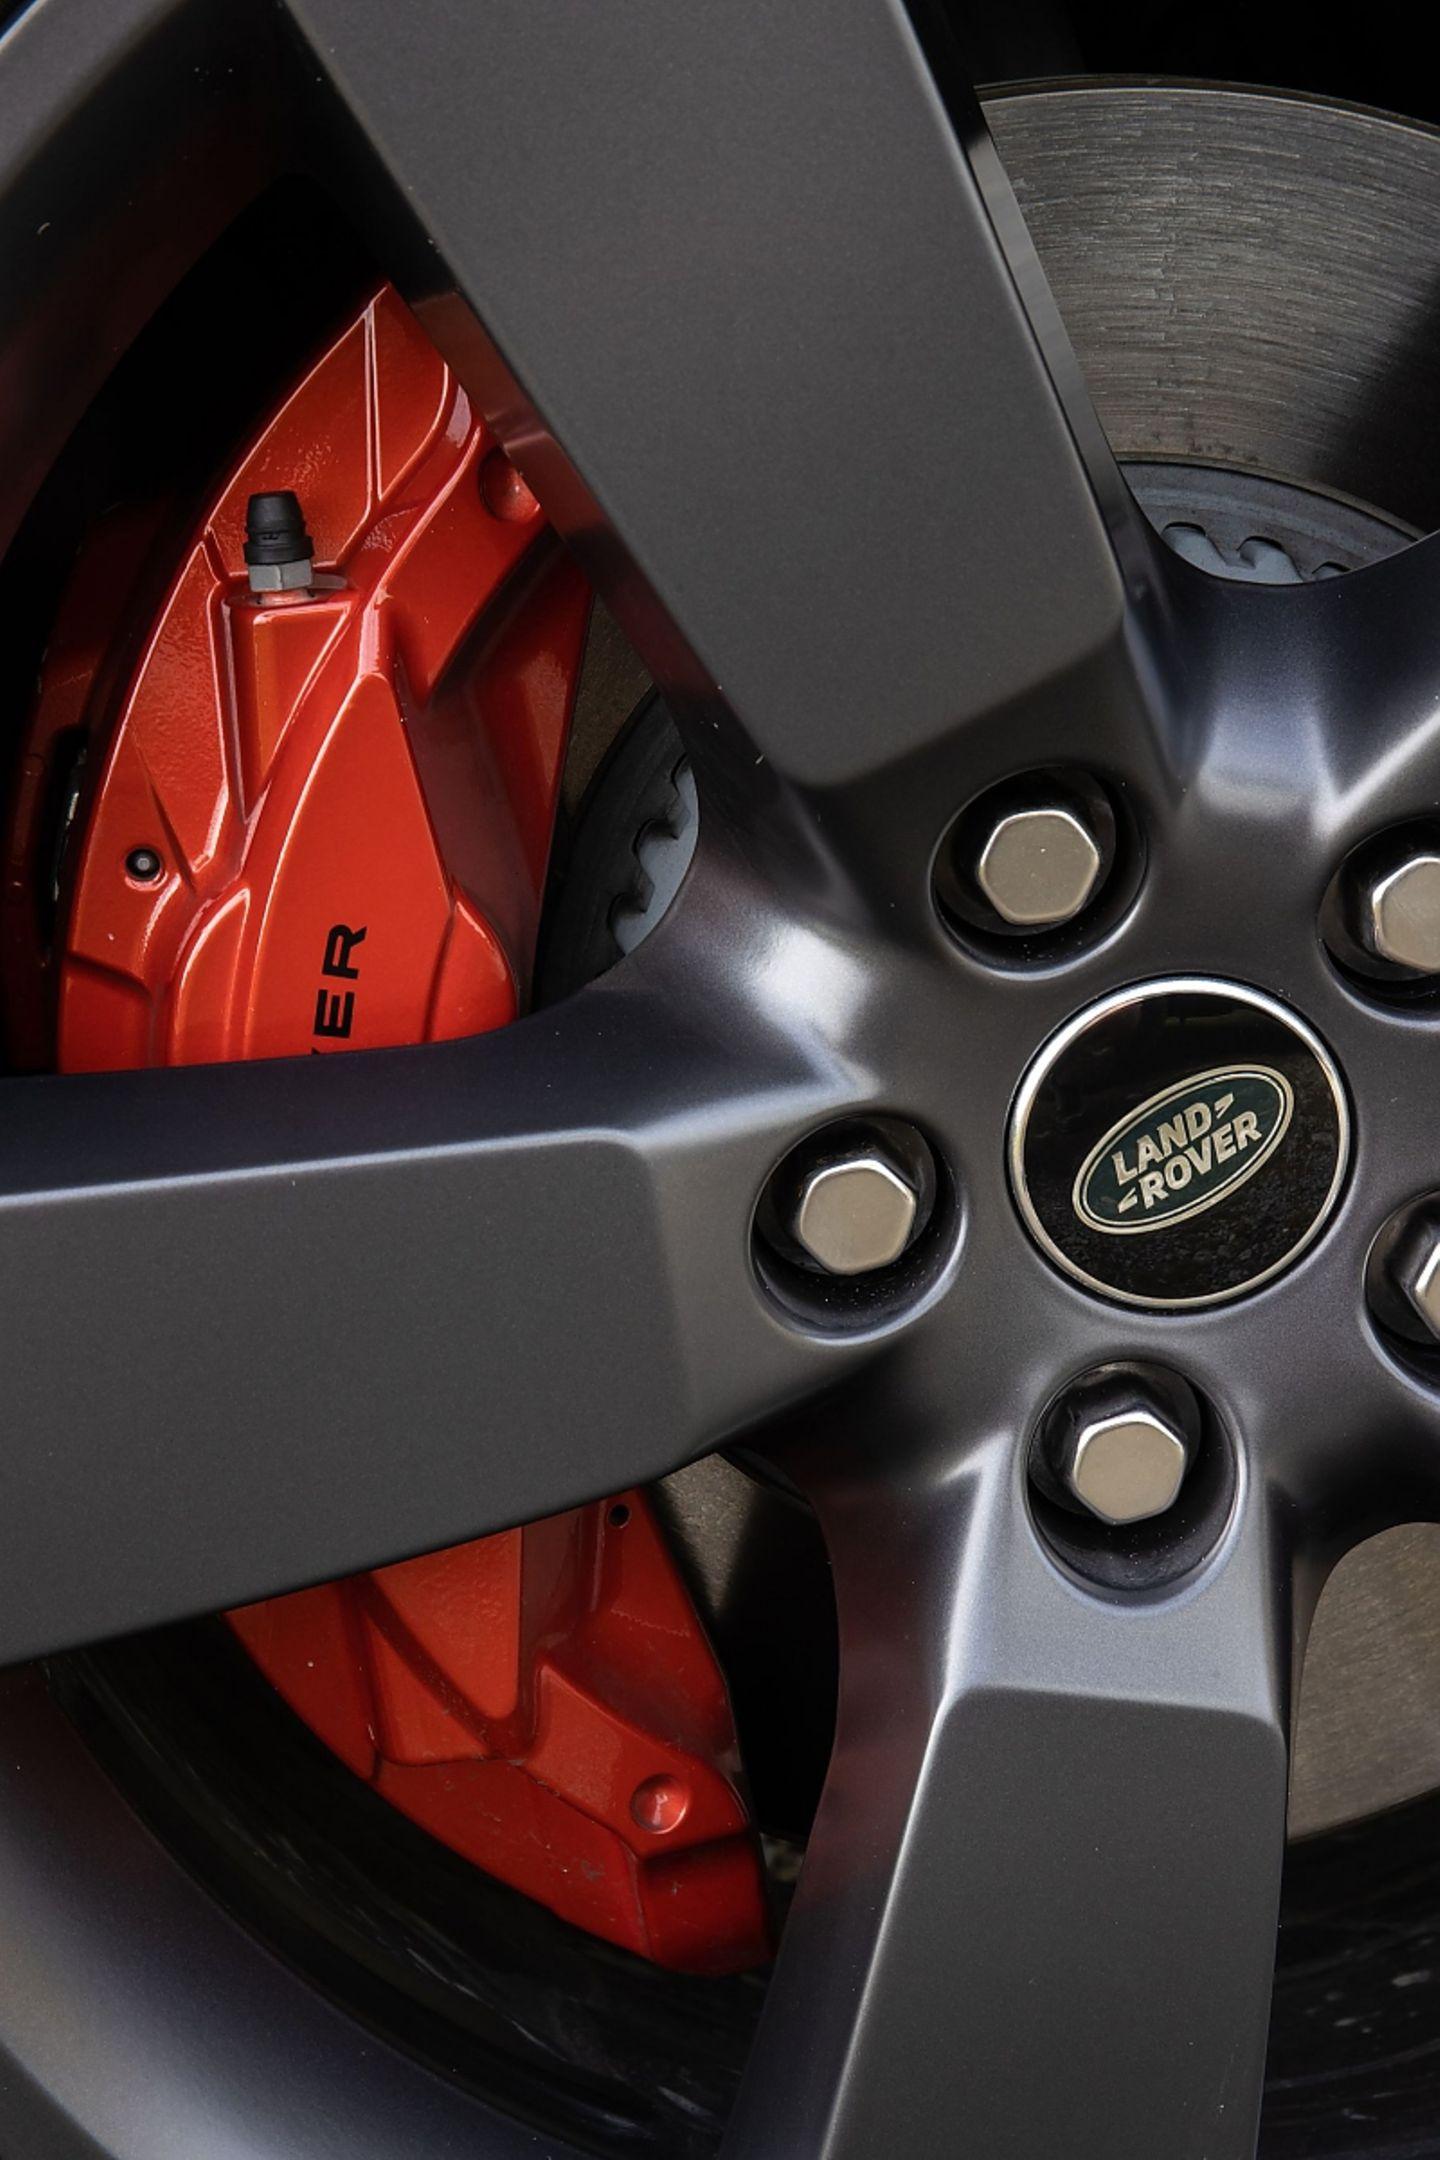 Die Bremsen kommen mit dem Gewicht von 2.245 Kilogramm gut klar